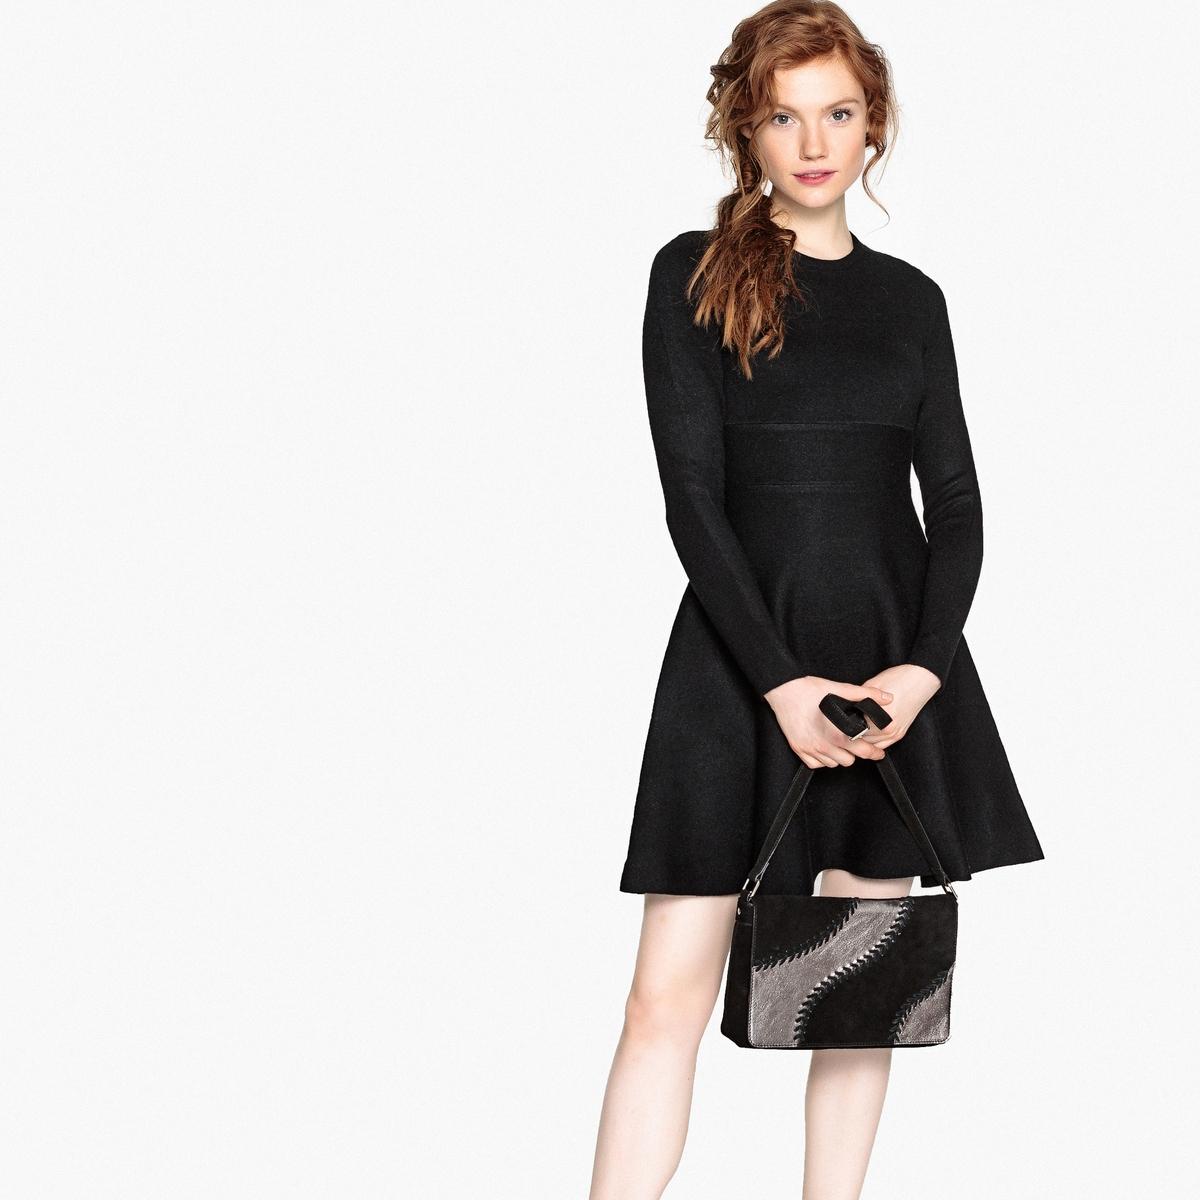 Платье-пуловер La Redoute Однотонное расклешенное с круглым вырезом XL черный пуловер la redoute с круглым вырезом из шерсти мериноса pascal 3xl черный